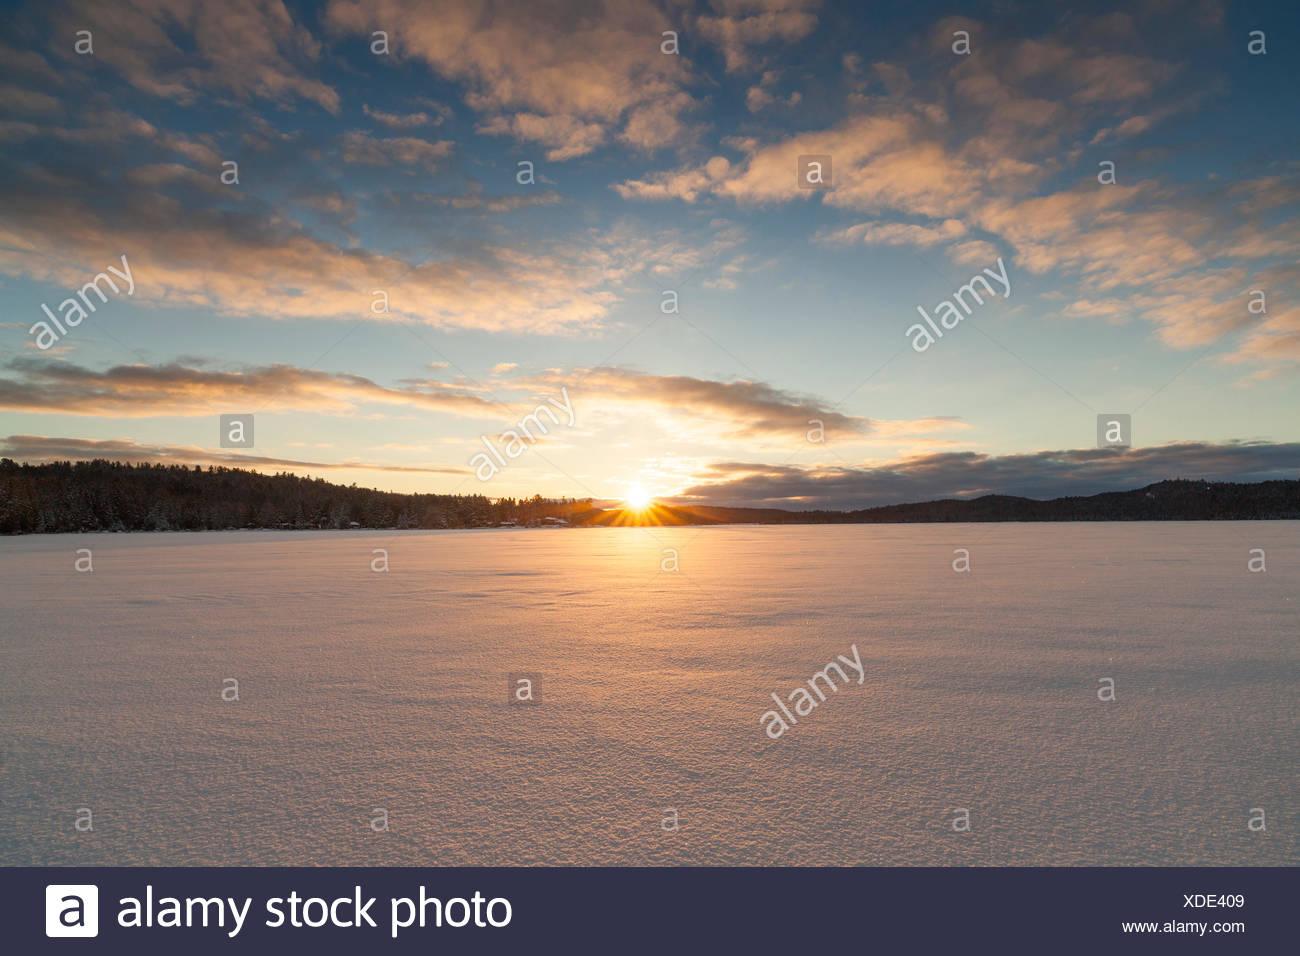 Nel tardo pomeriggio sole sopra un lago ghiacciato di due fiumi di Algonquin Provincial Park, Ontario, Canada Immagini Stock